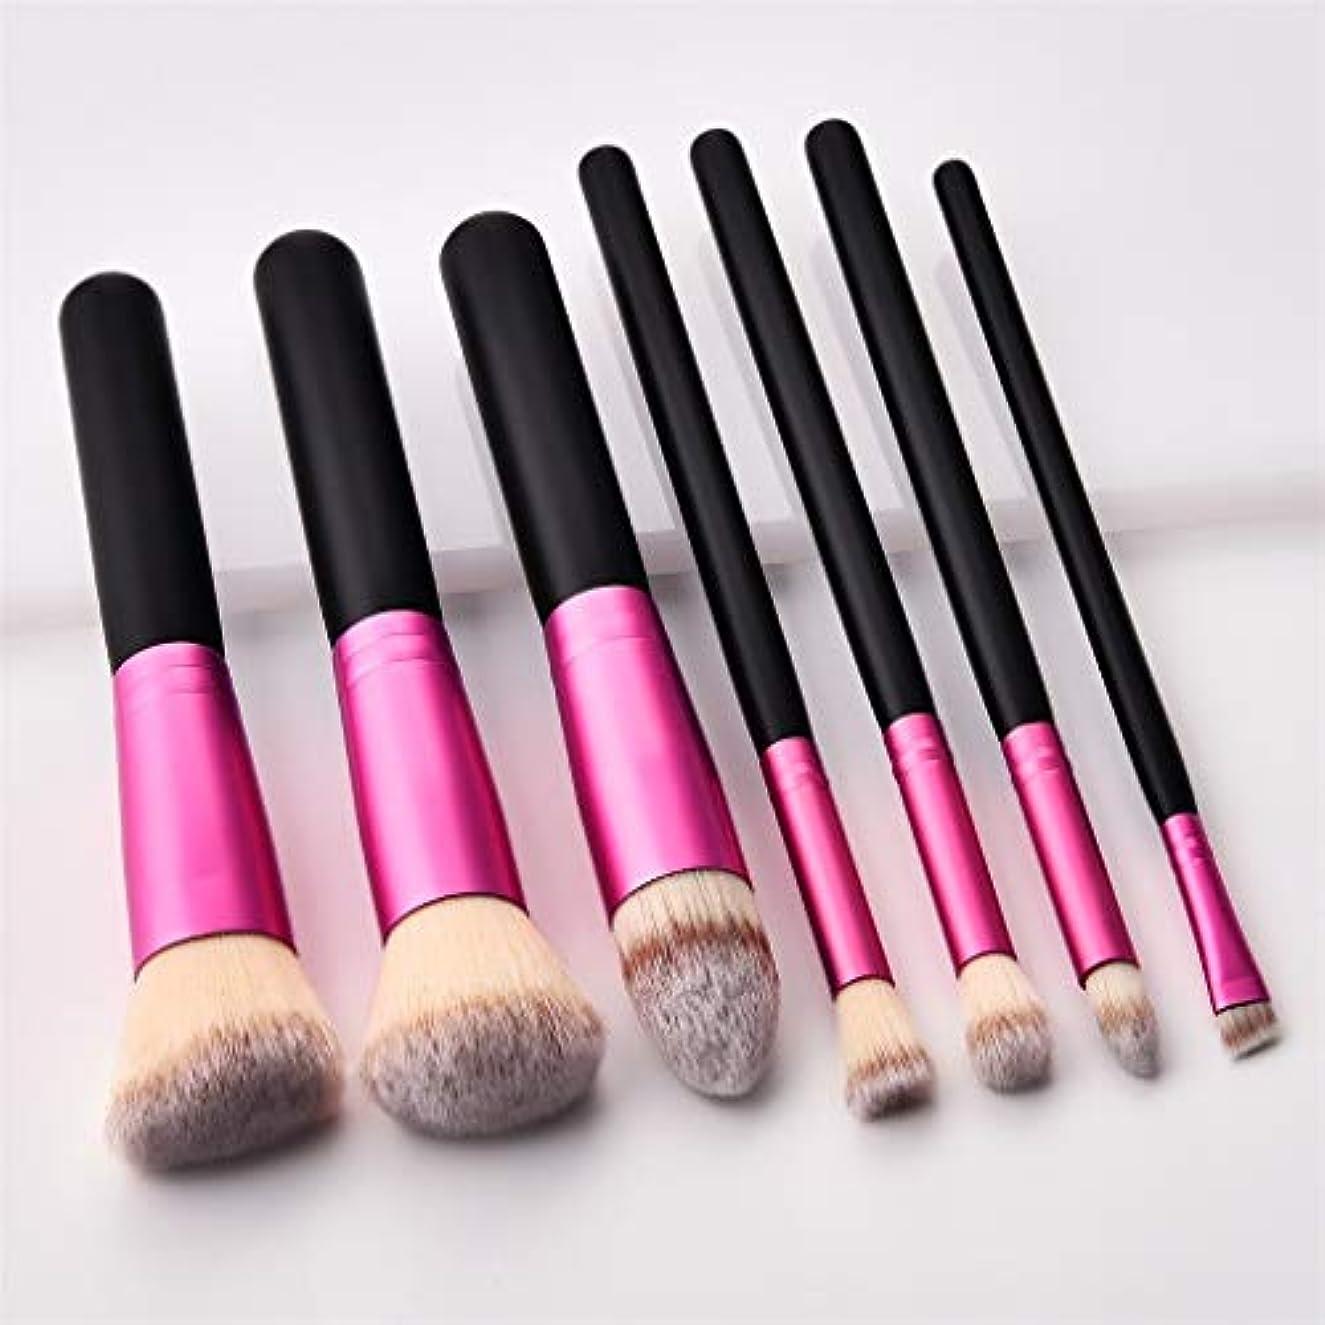 意味のあるアラビア語最大限Akane 7本 GUJHUI 上等 優雅 ピンク 綺麗 美感 便利 高級 魅力的 柔らかい たっぷり 多機能 おしゃれ 激安 日常 仕事 Makeup Brush メイクアップブラシ T-07-060